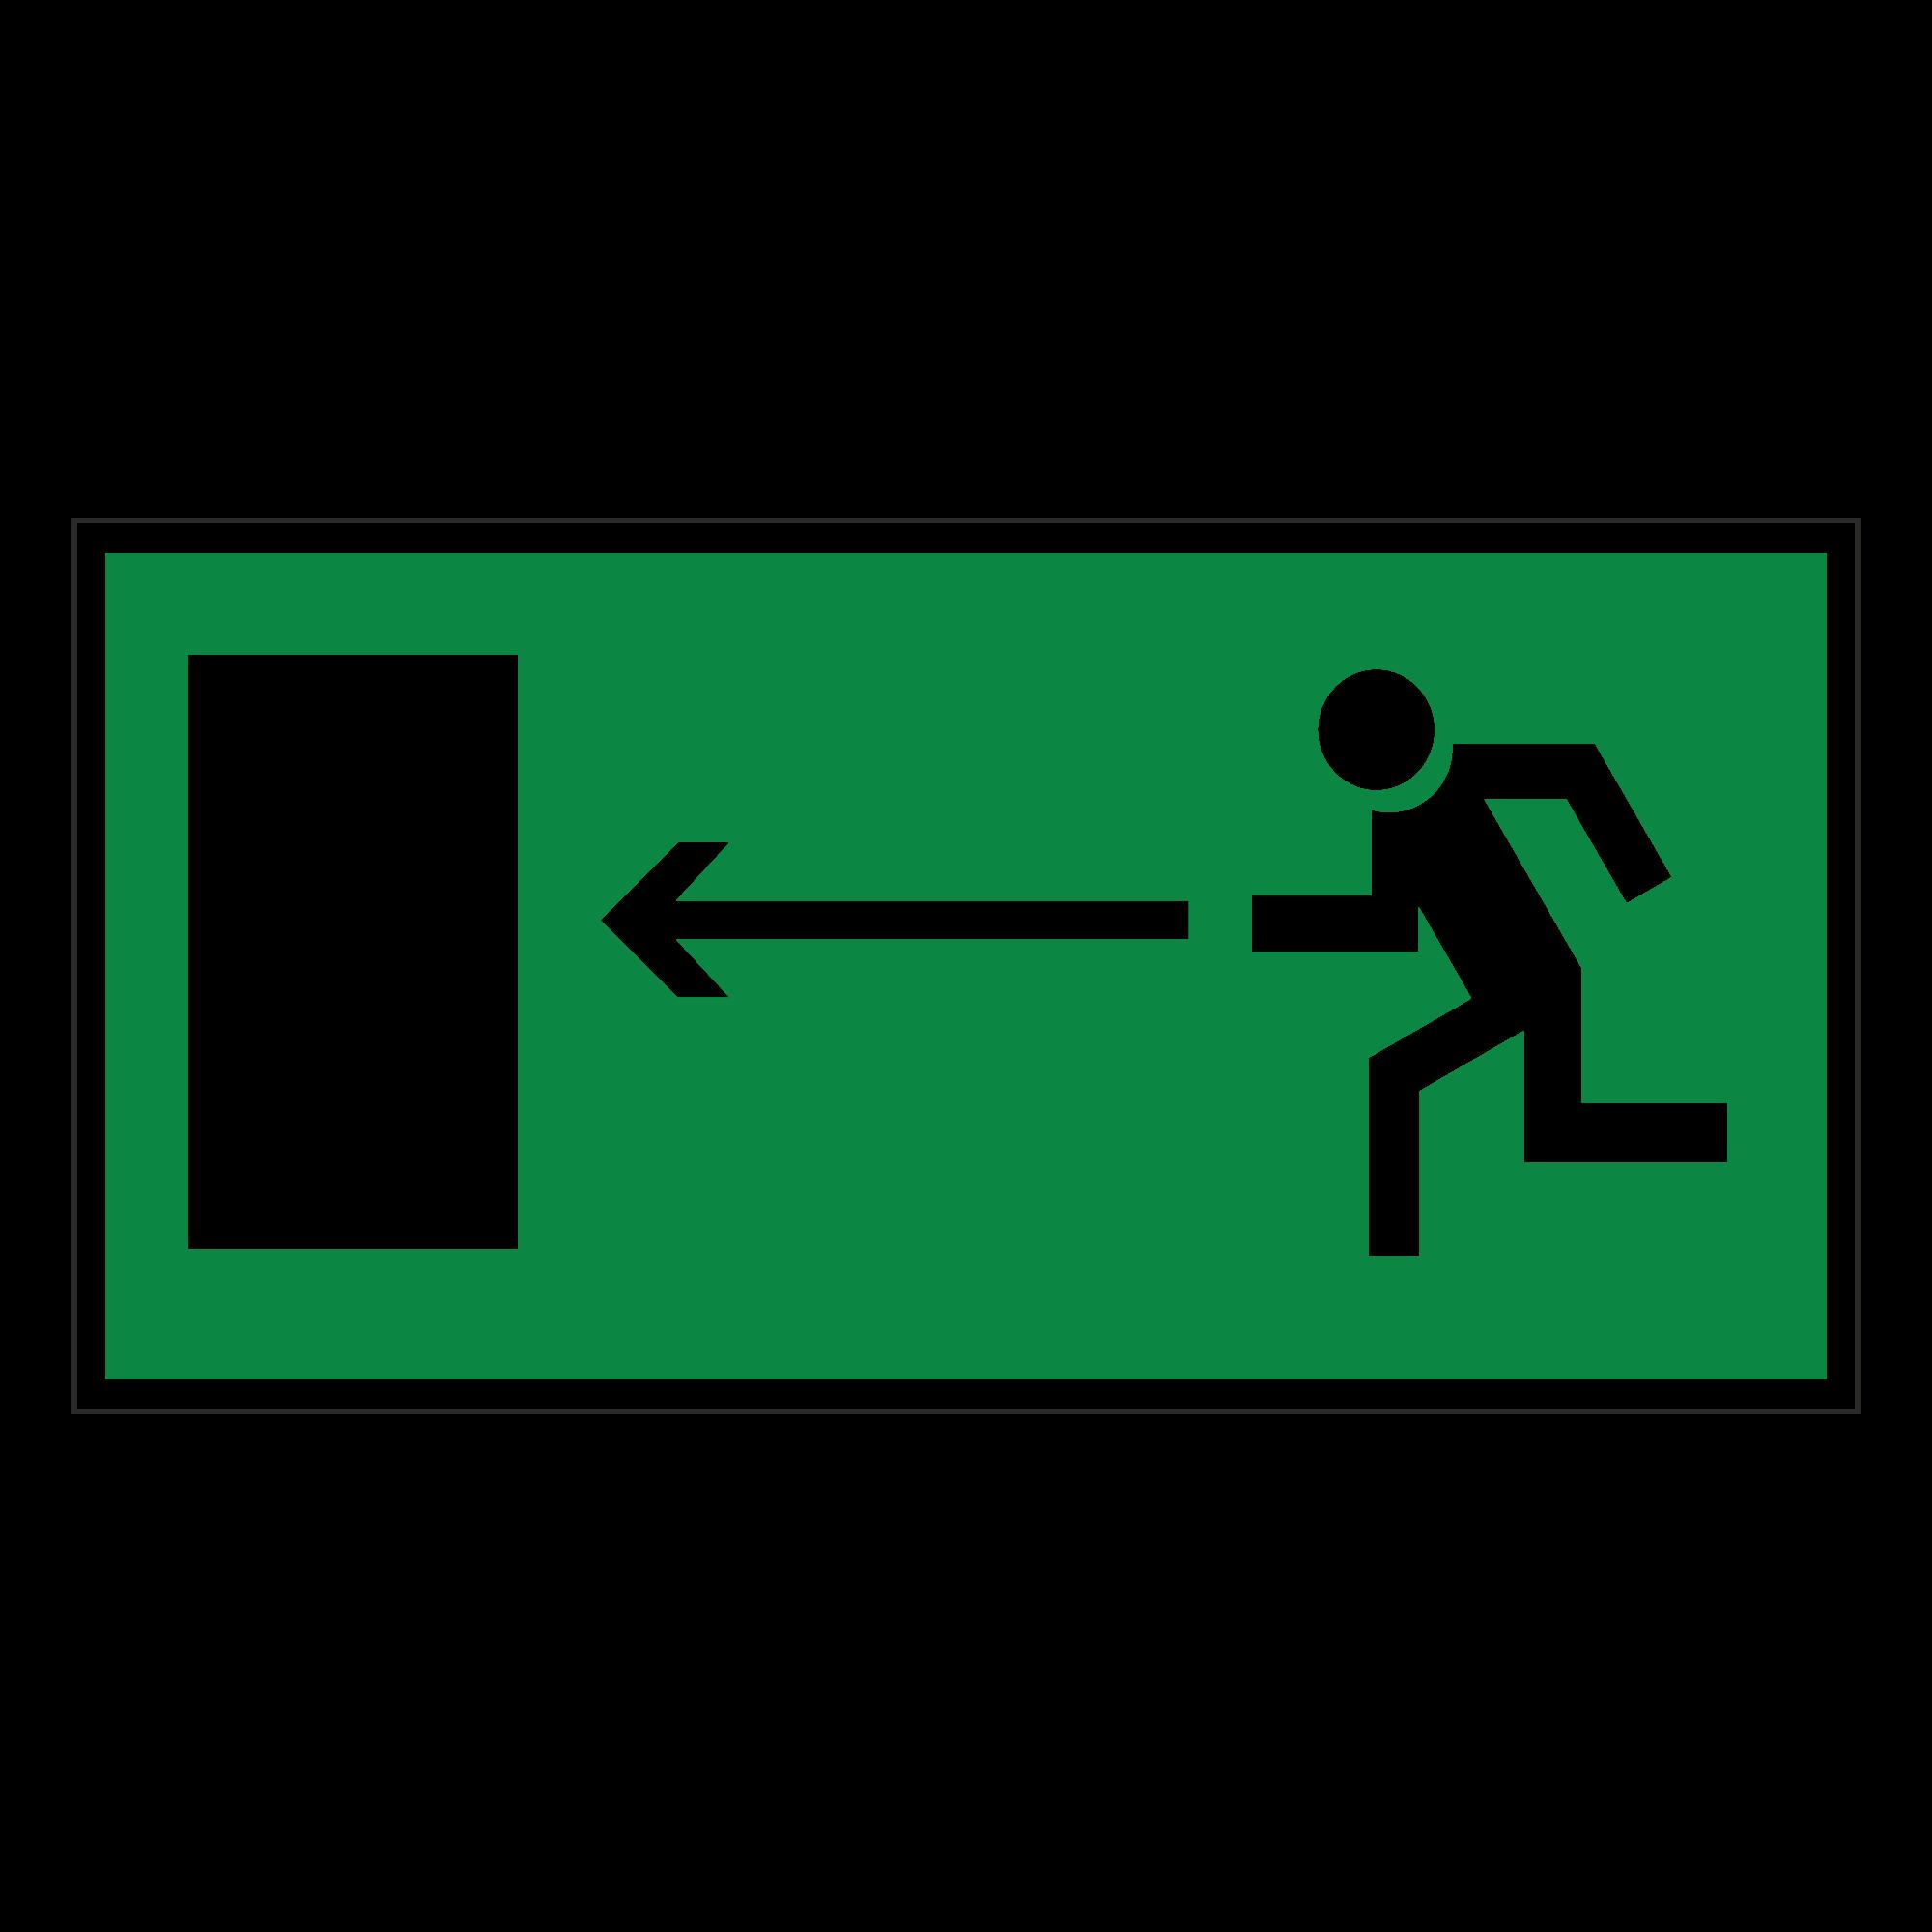 Е04 Направление к эвакуационному выходу налево